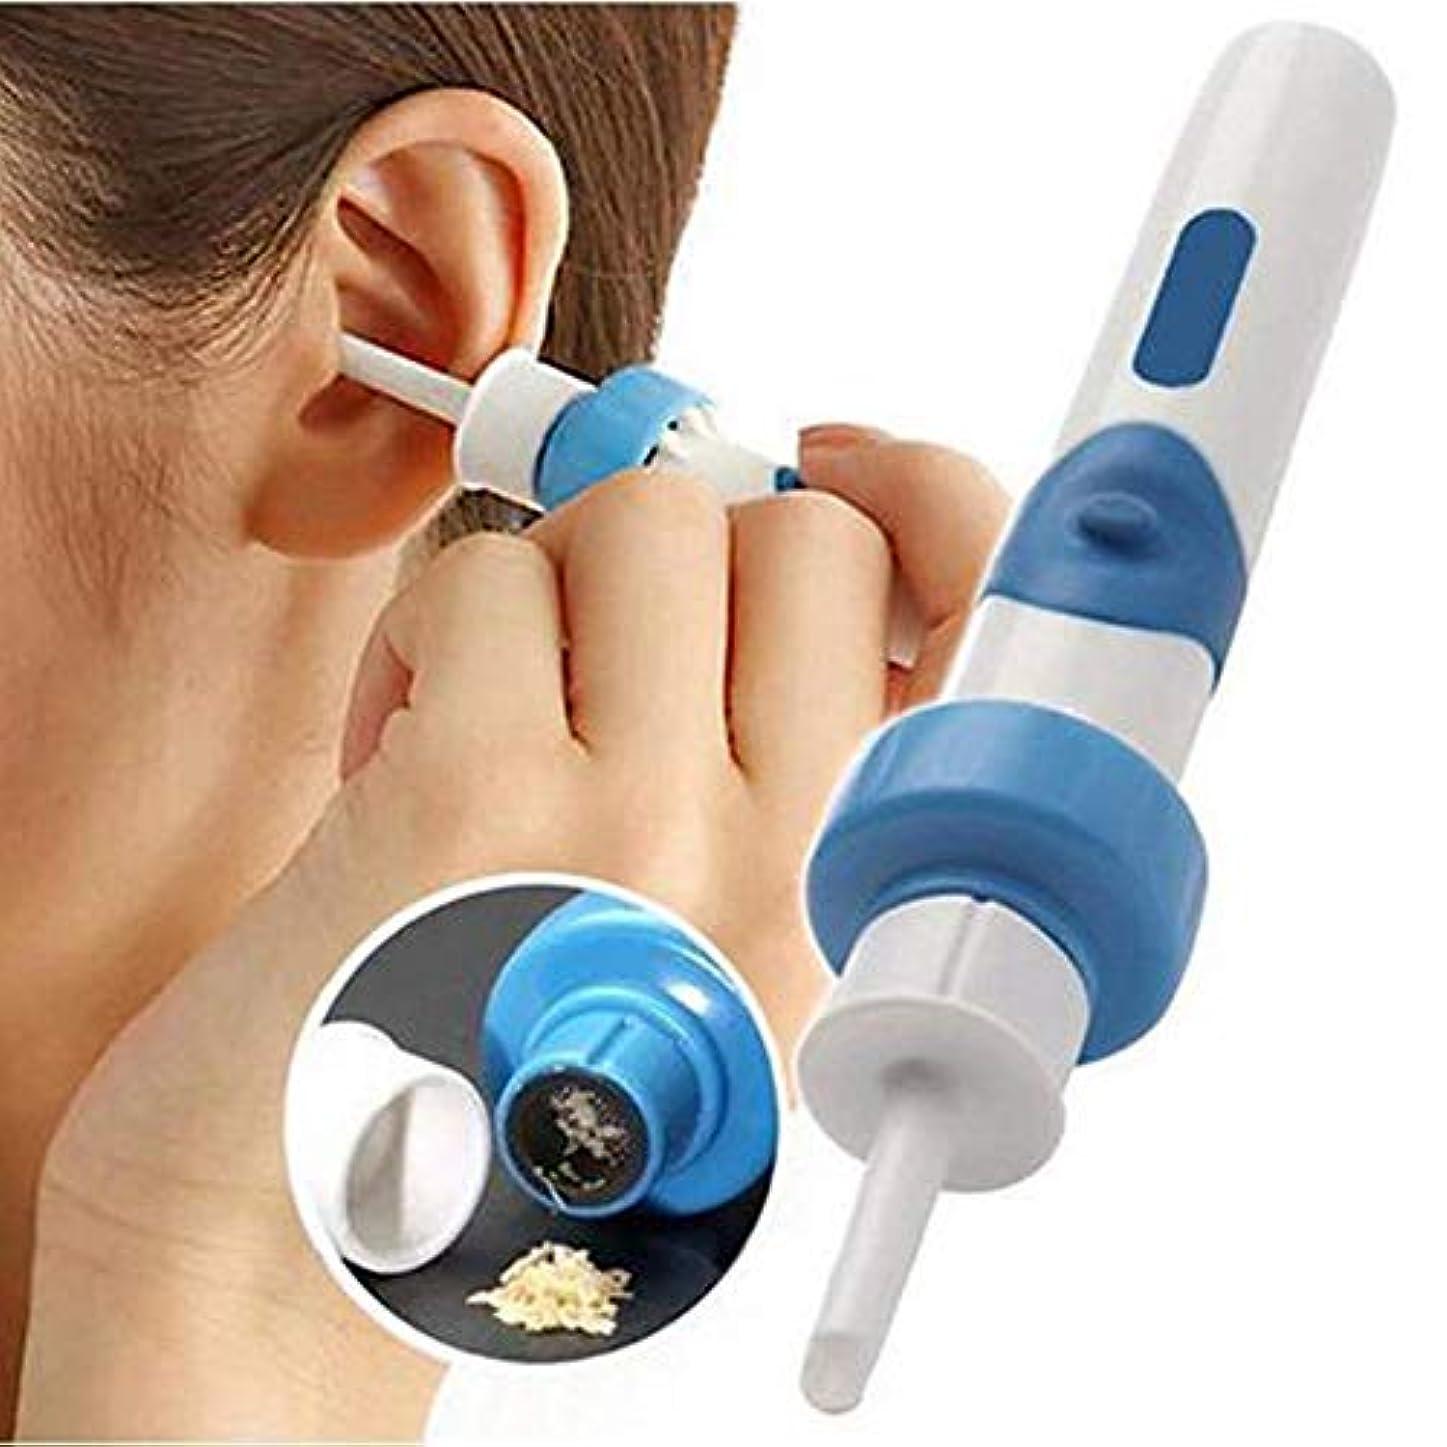 浸食良心的蚊Protable真空耳クリーナーマシン電子クリーニングの耳垢が耳かきクリーナーを防ぐ耳ピッククリーンツールケアを削除します。